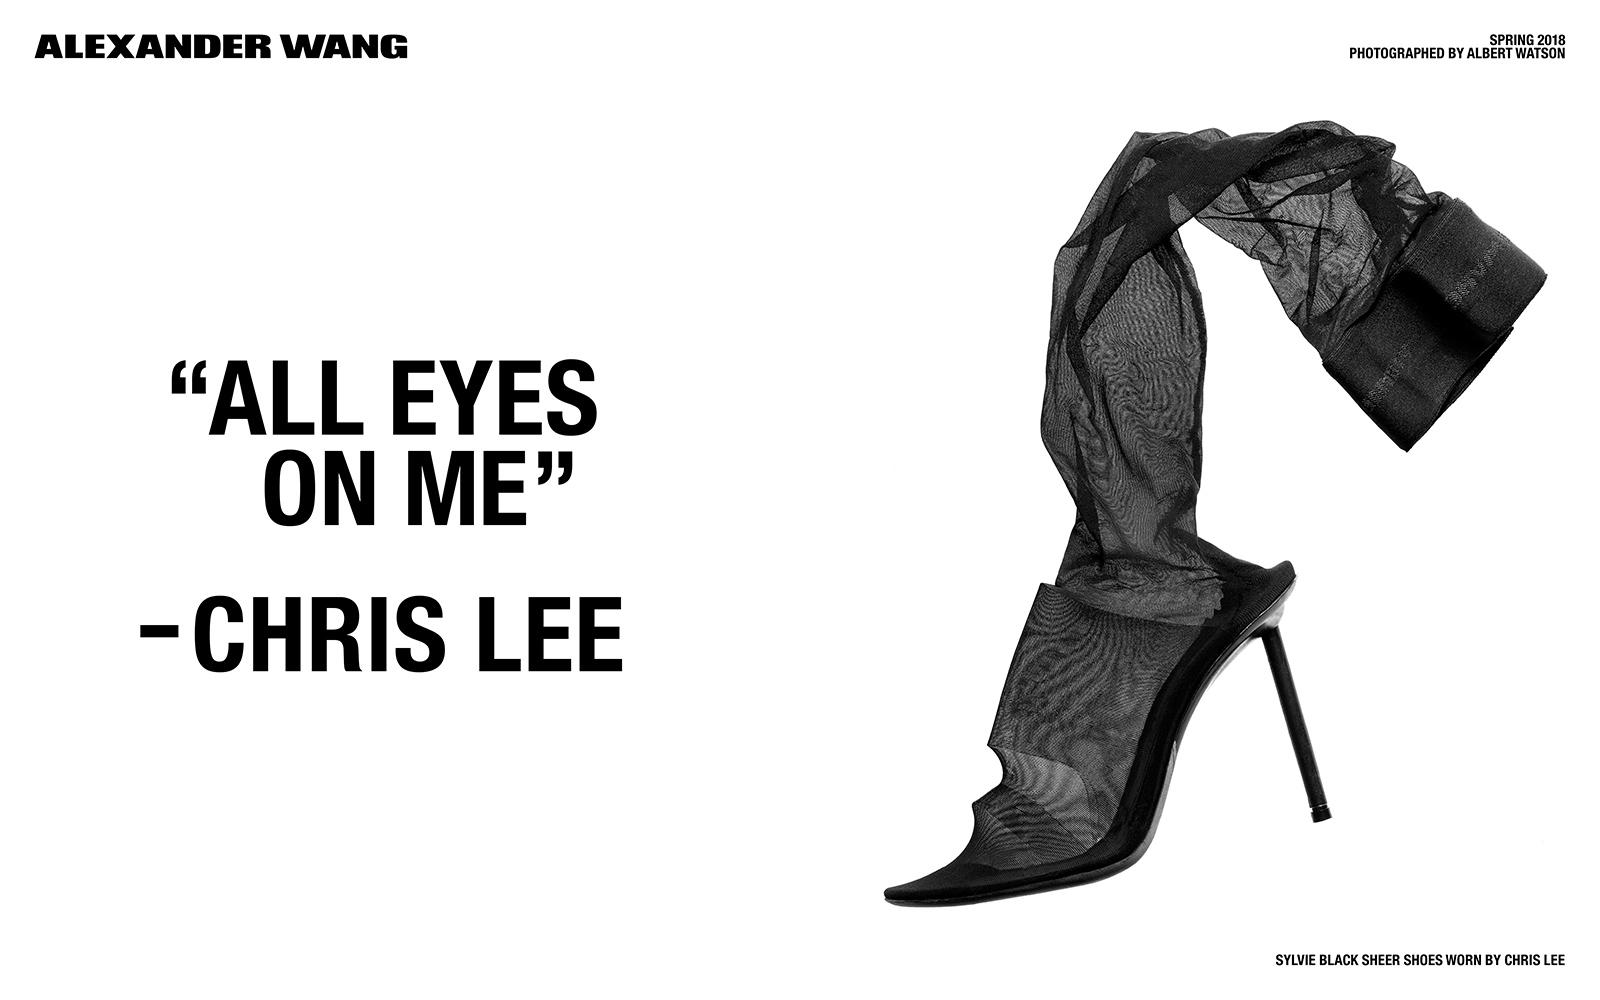 """Czarny but na wysokim obcasie, połączony z pończochą, obok cytat """"all eyes on me""""-Chris Lee"""